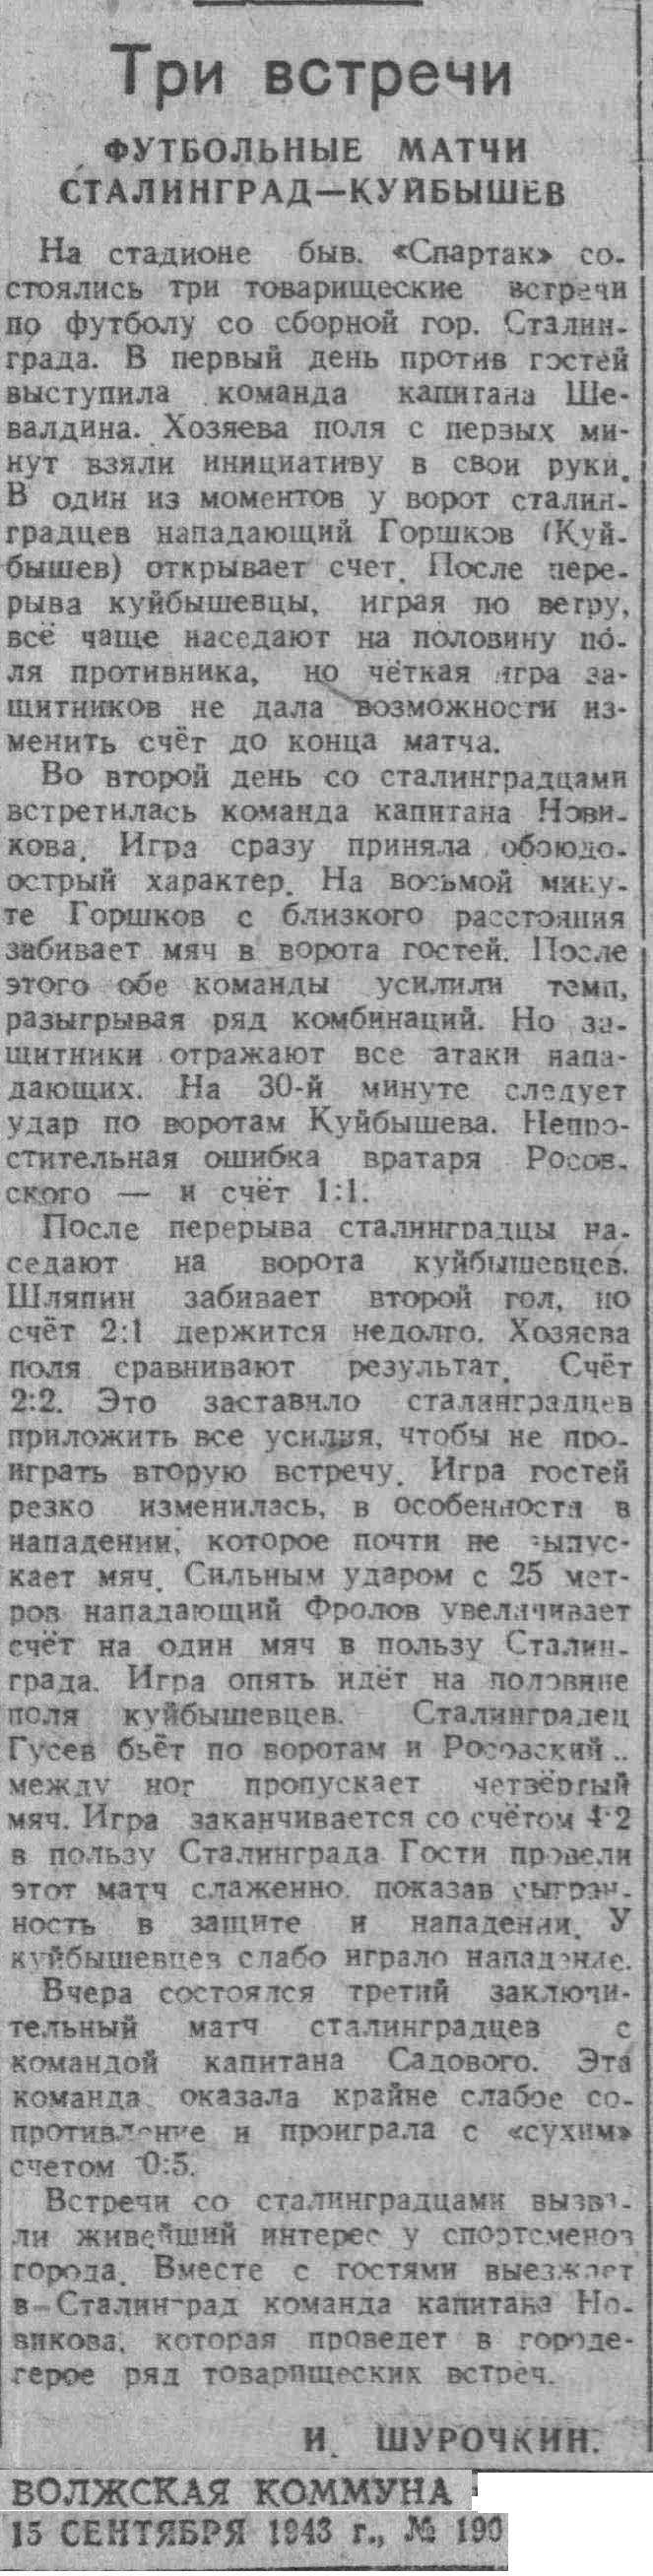 Крылья Советов (Куйбышев) - Сборная Сталинграда 2:4